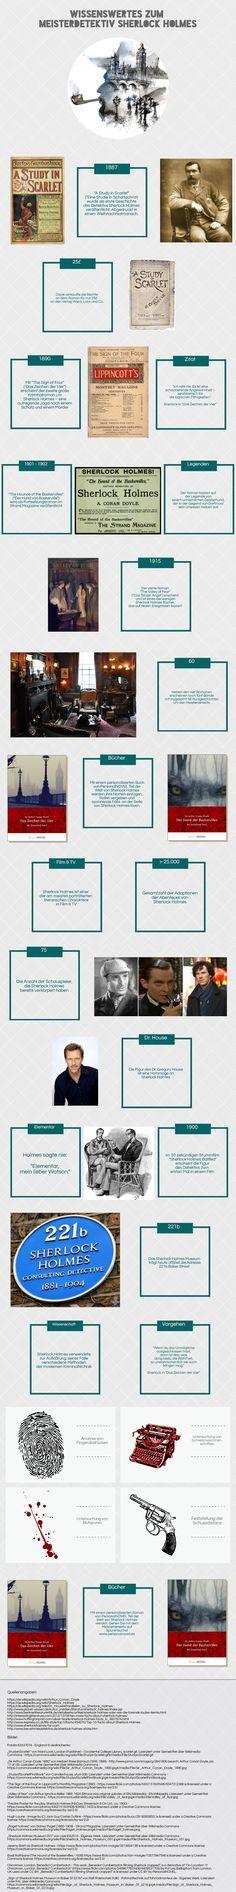 Wissenswertes zu Sherlock Holmes und seinen Autor. Weiteres dazu findet ihr auf unserem Blog.